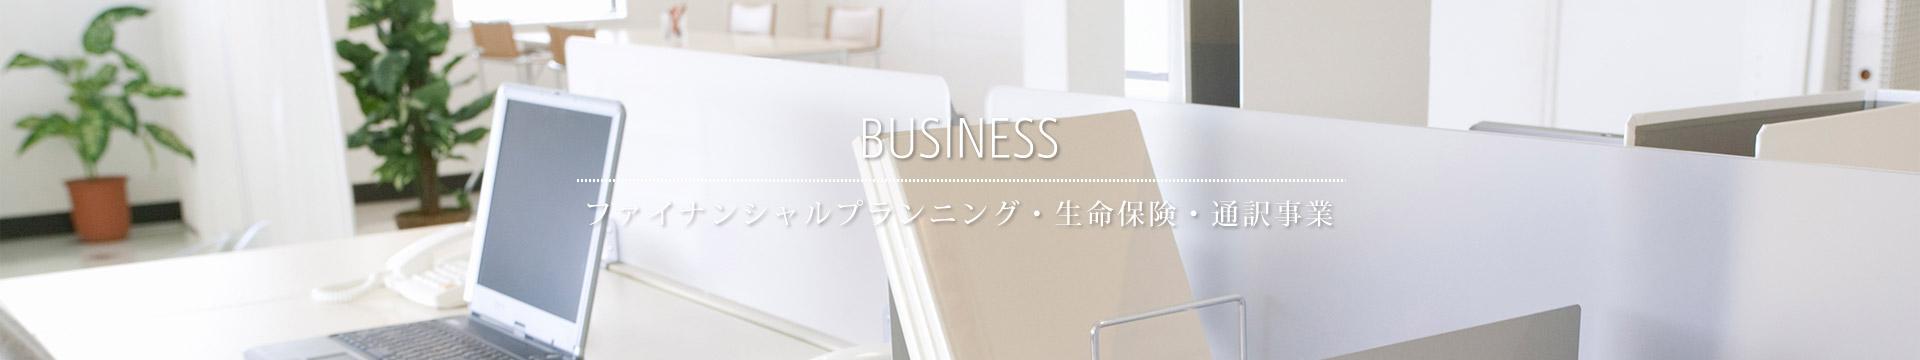 ファイナンシャルプランニング・生命保険・通訳事業